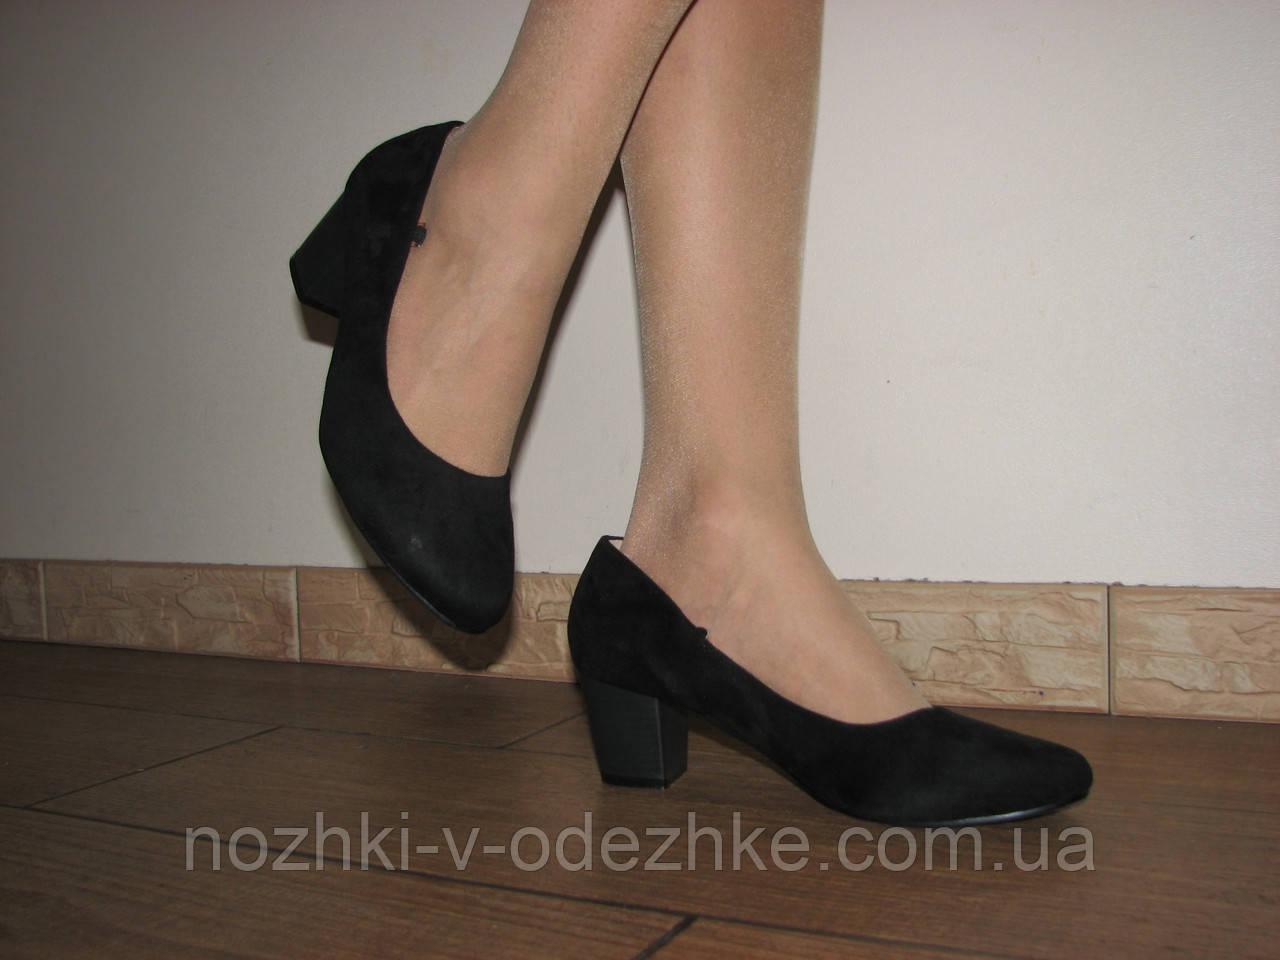 db9666f55 Черные замшевые женские туфли большого размера на маленьком каблуке с  ремешком 41 р 26,0